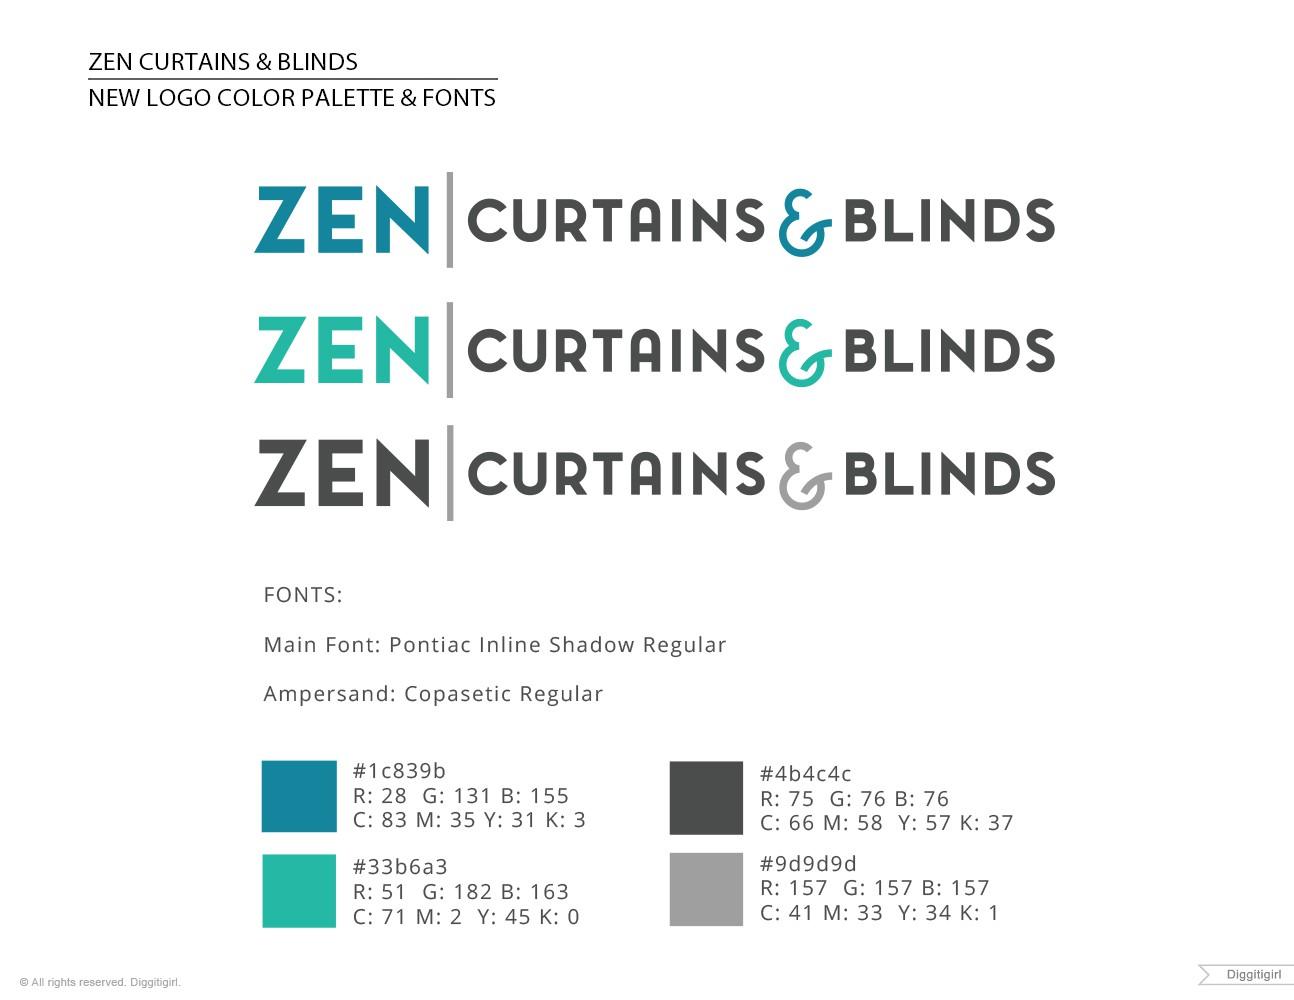 Zen Curtains & Blinds